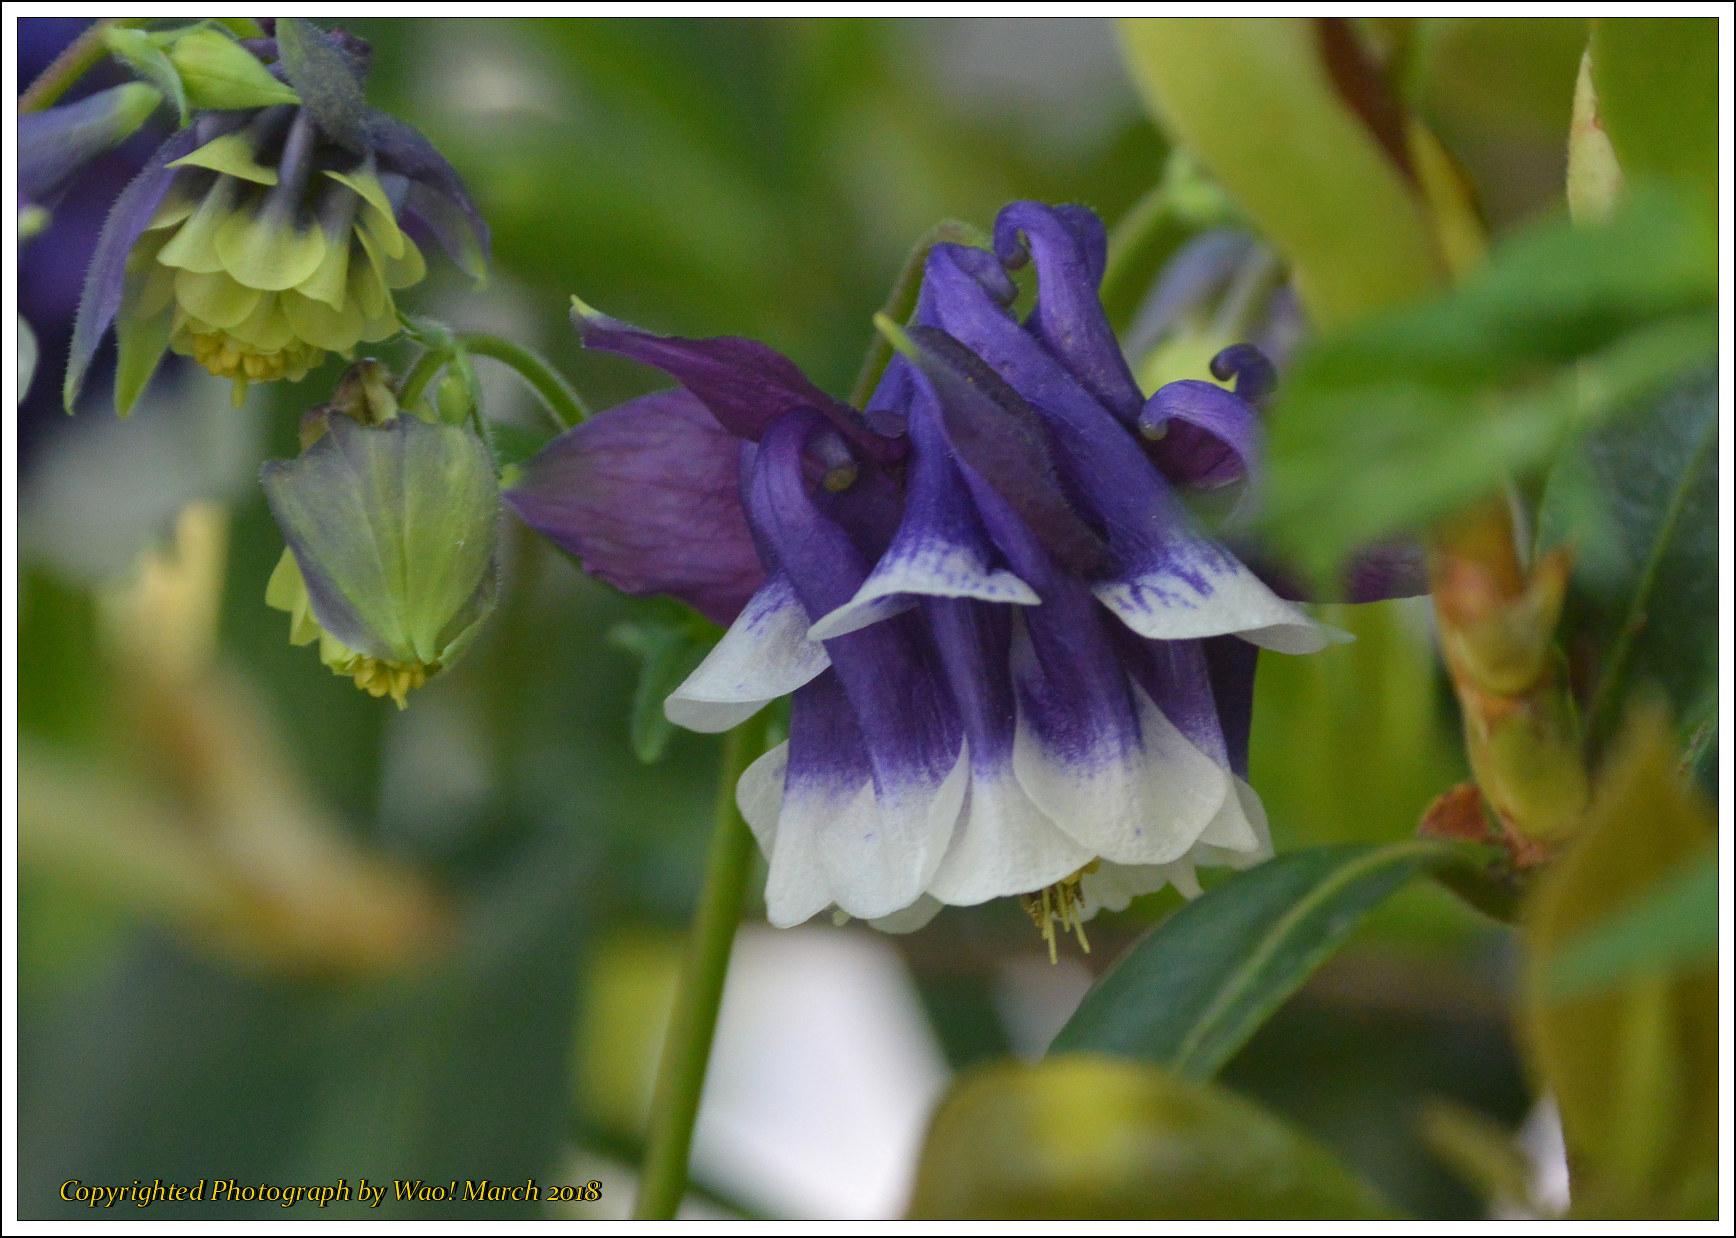 庭に咲く花 -1_c0198669_17402310.jpg